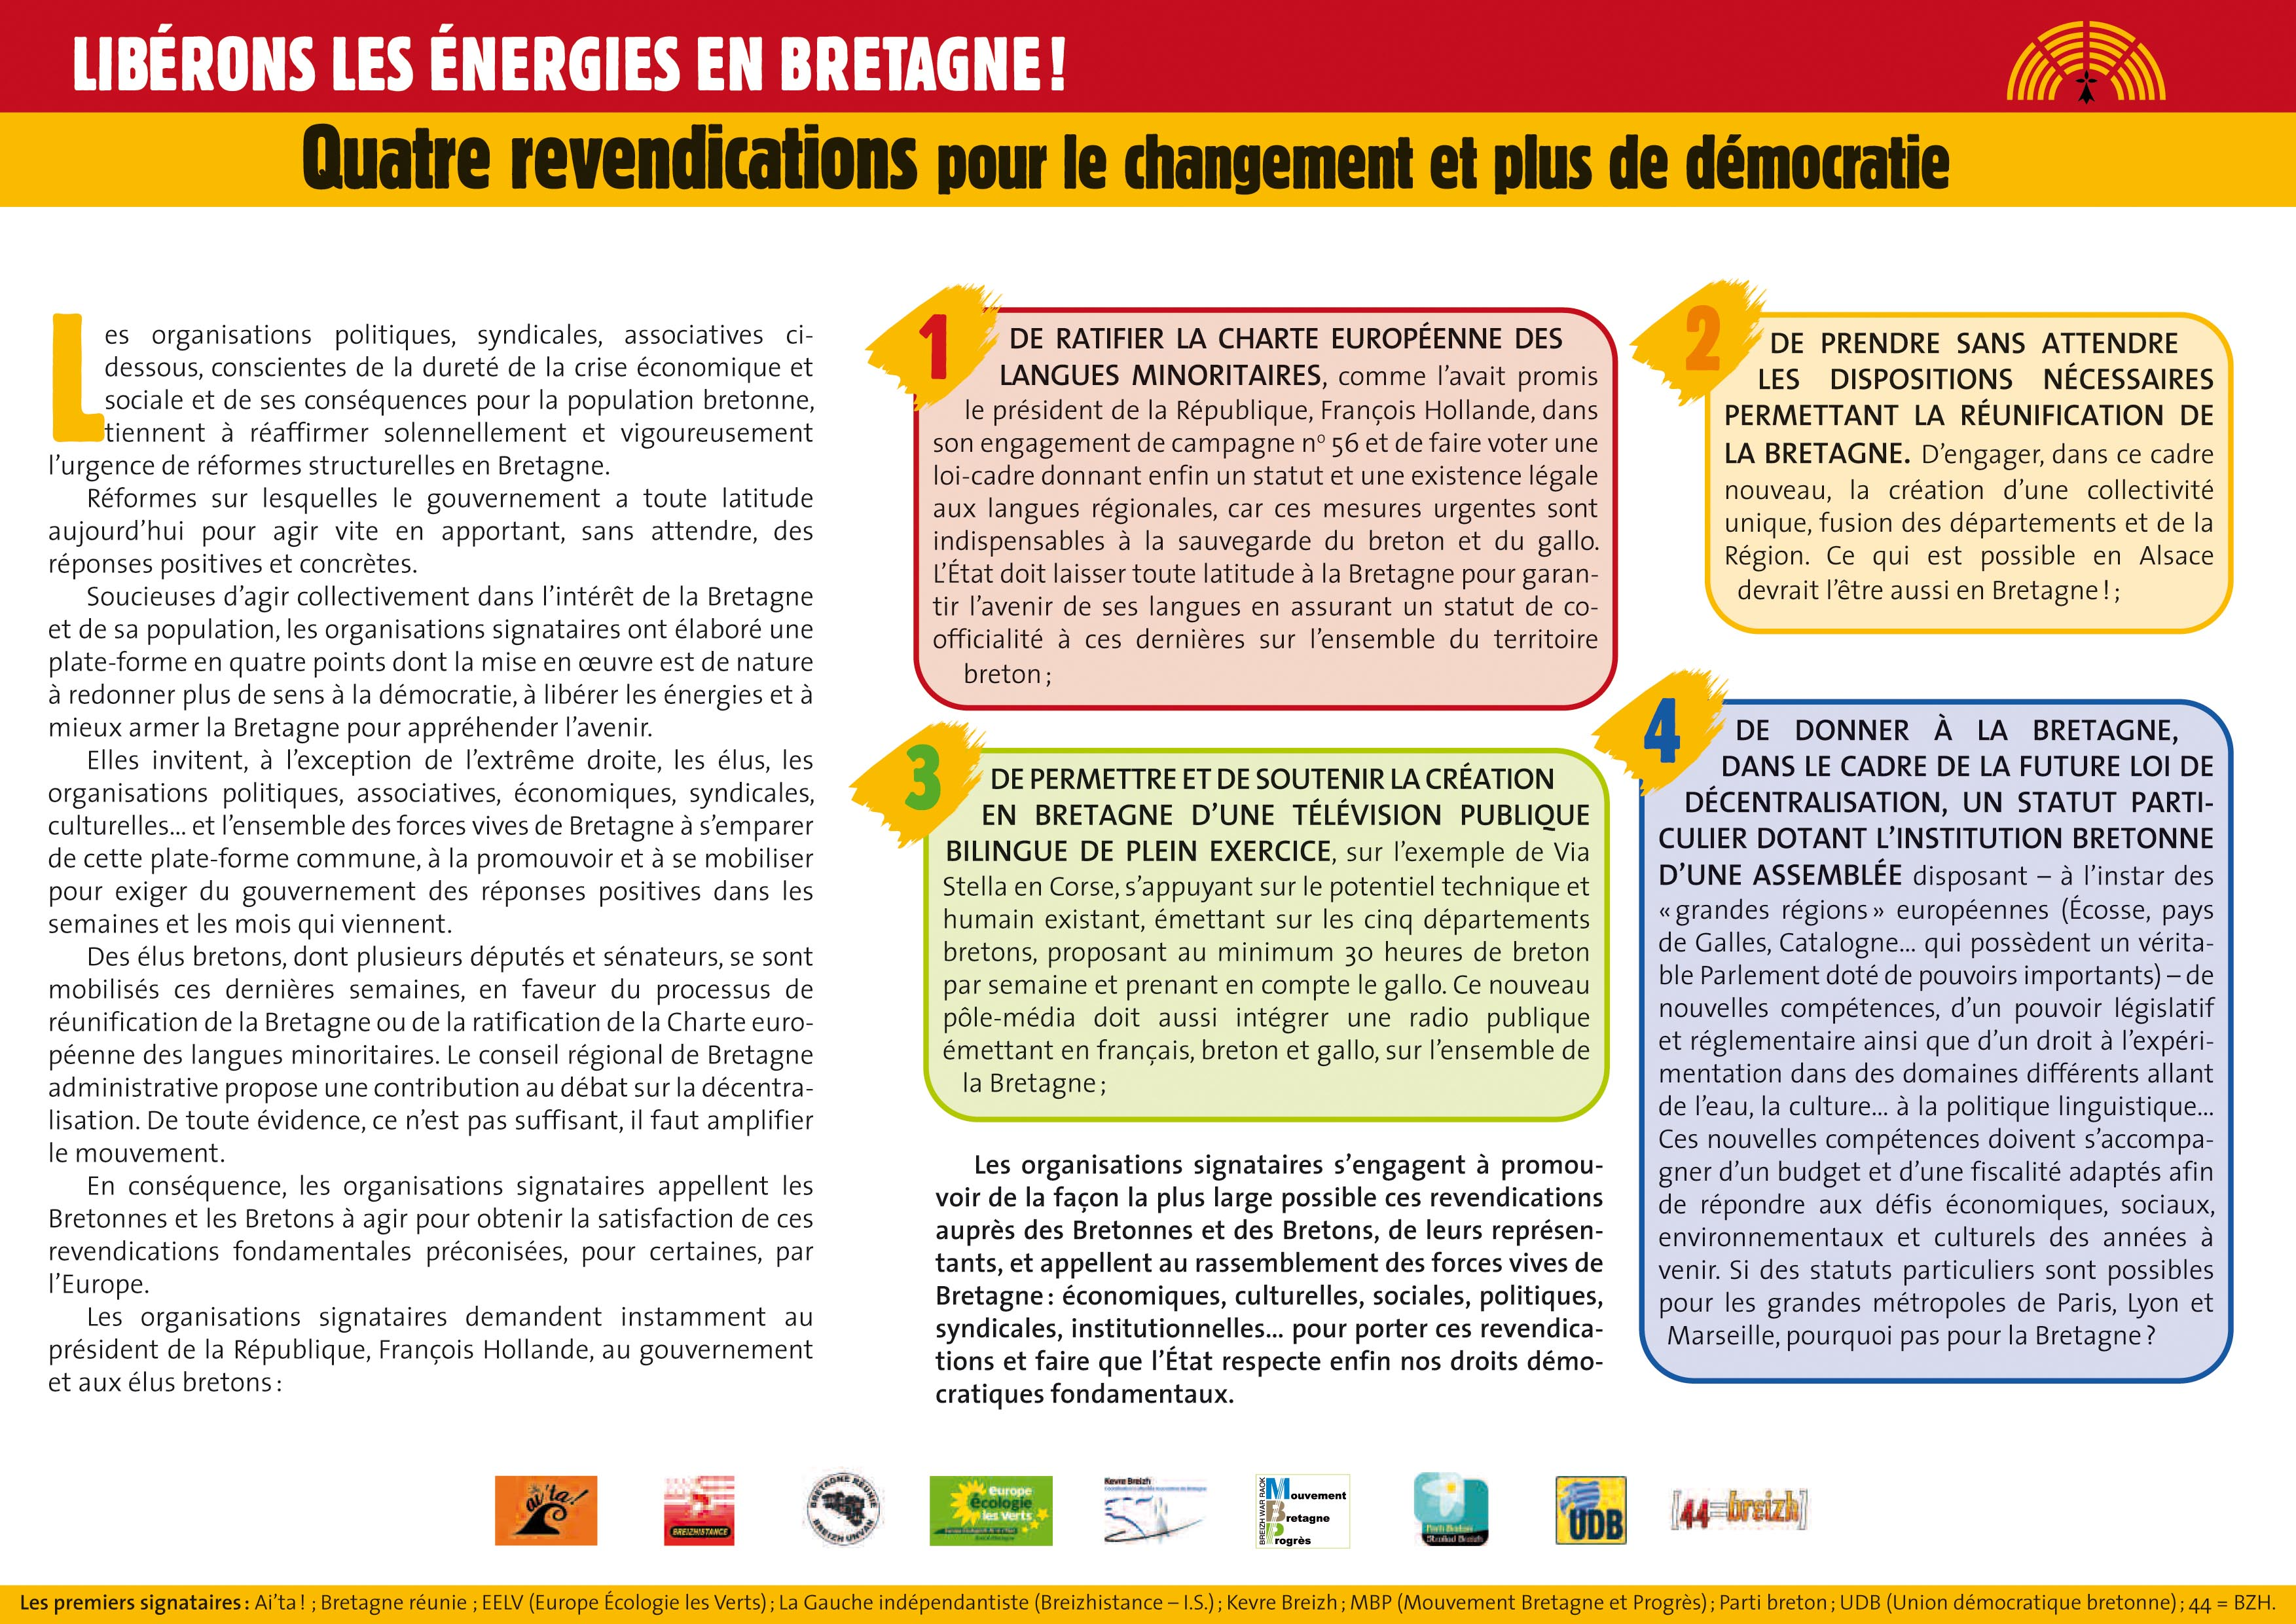 Plateforme pour la Bretagne : l'instrumentalisation politicienne de la droite rennaise.